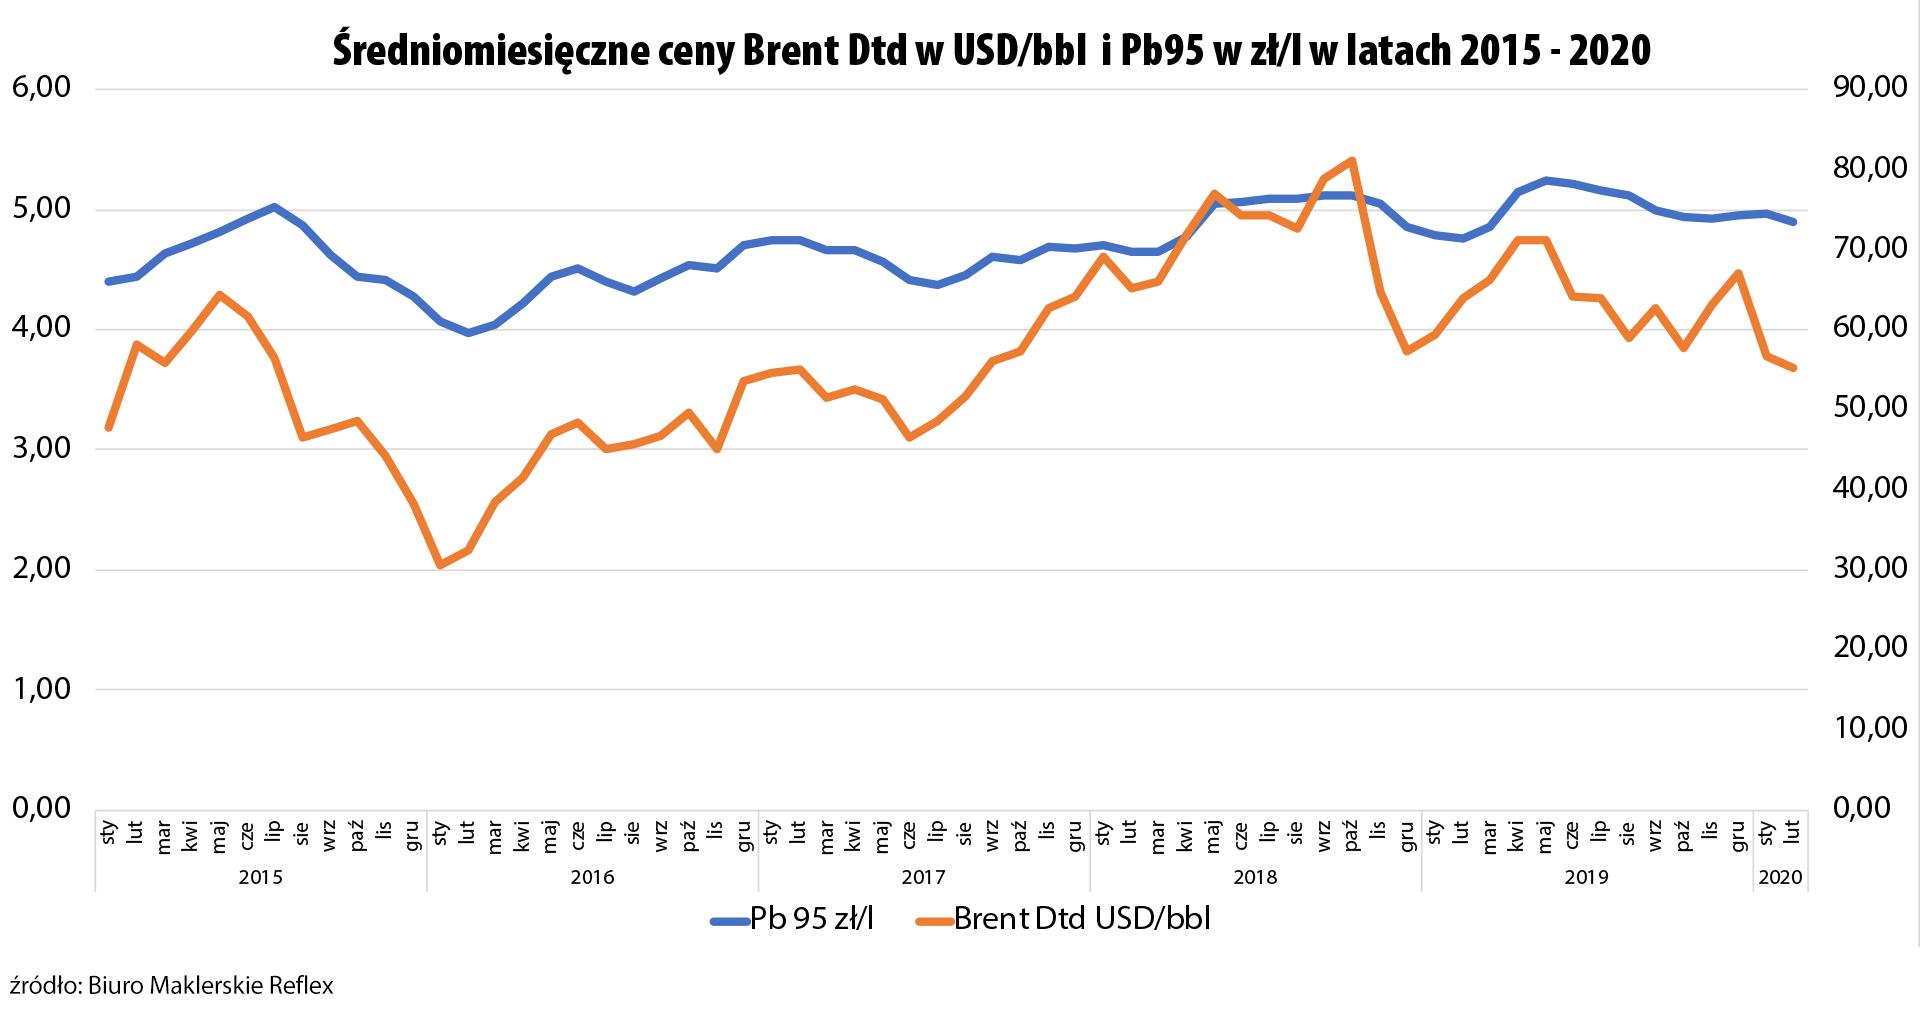 Średniomiesięczne ceny Pb95 w relacji do ropy w latach 2015-2020